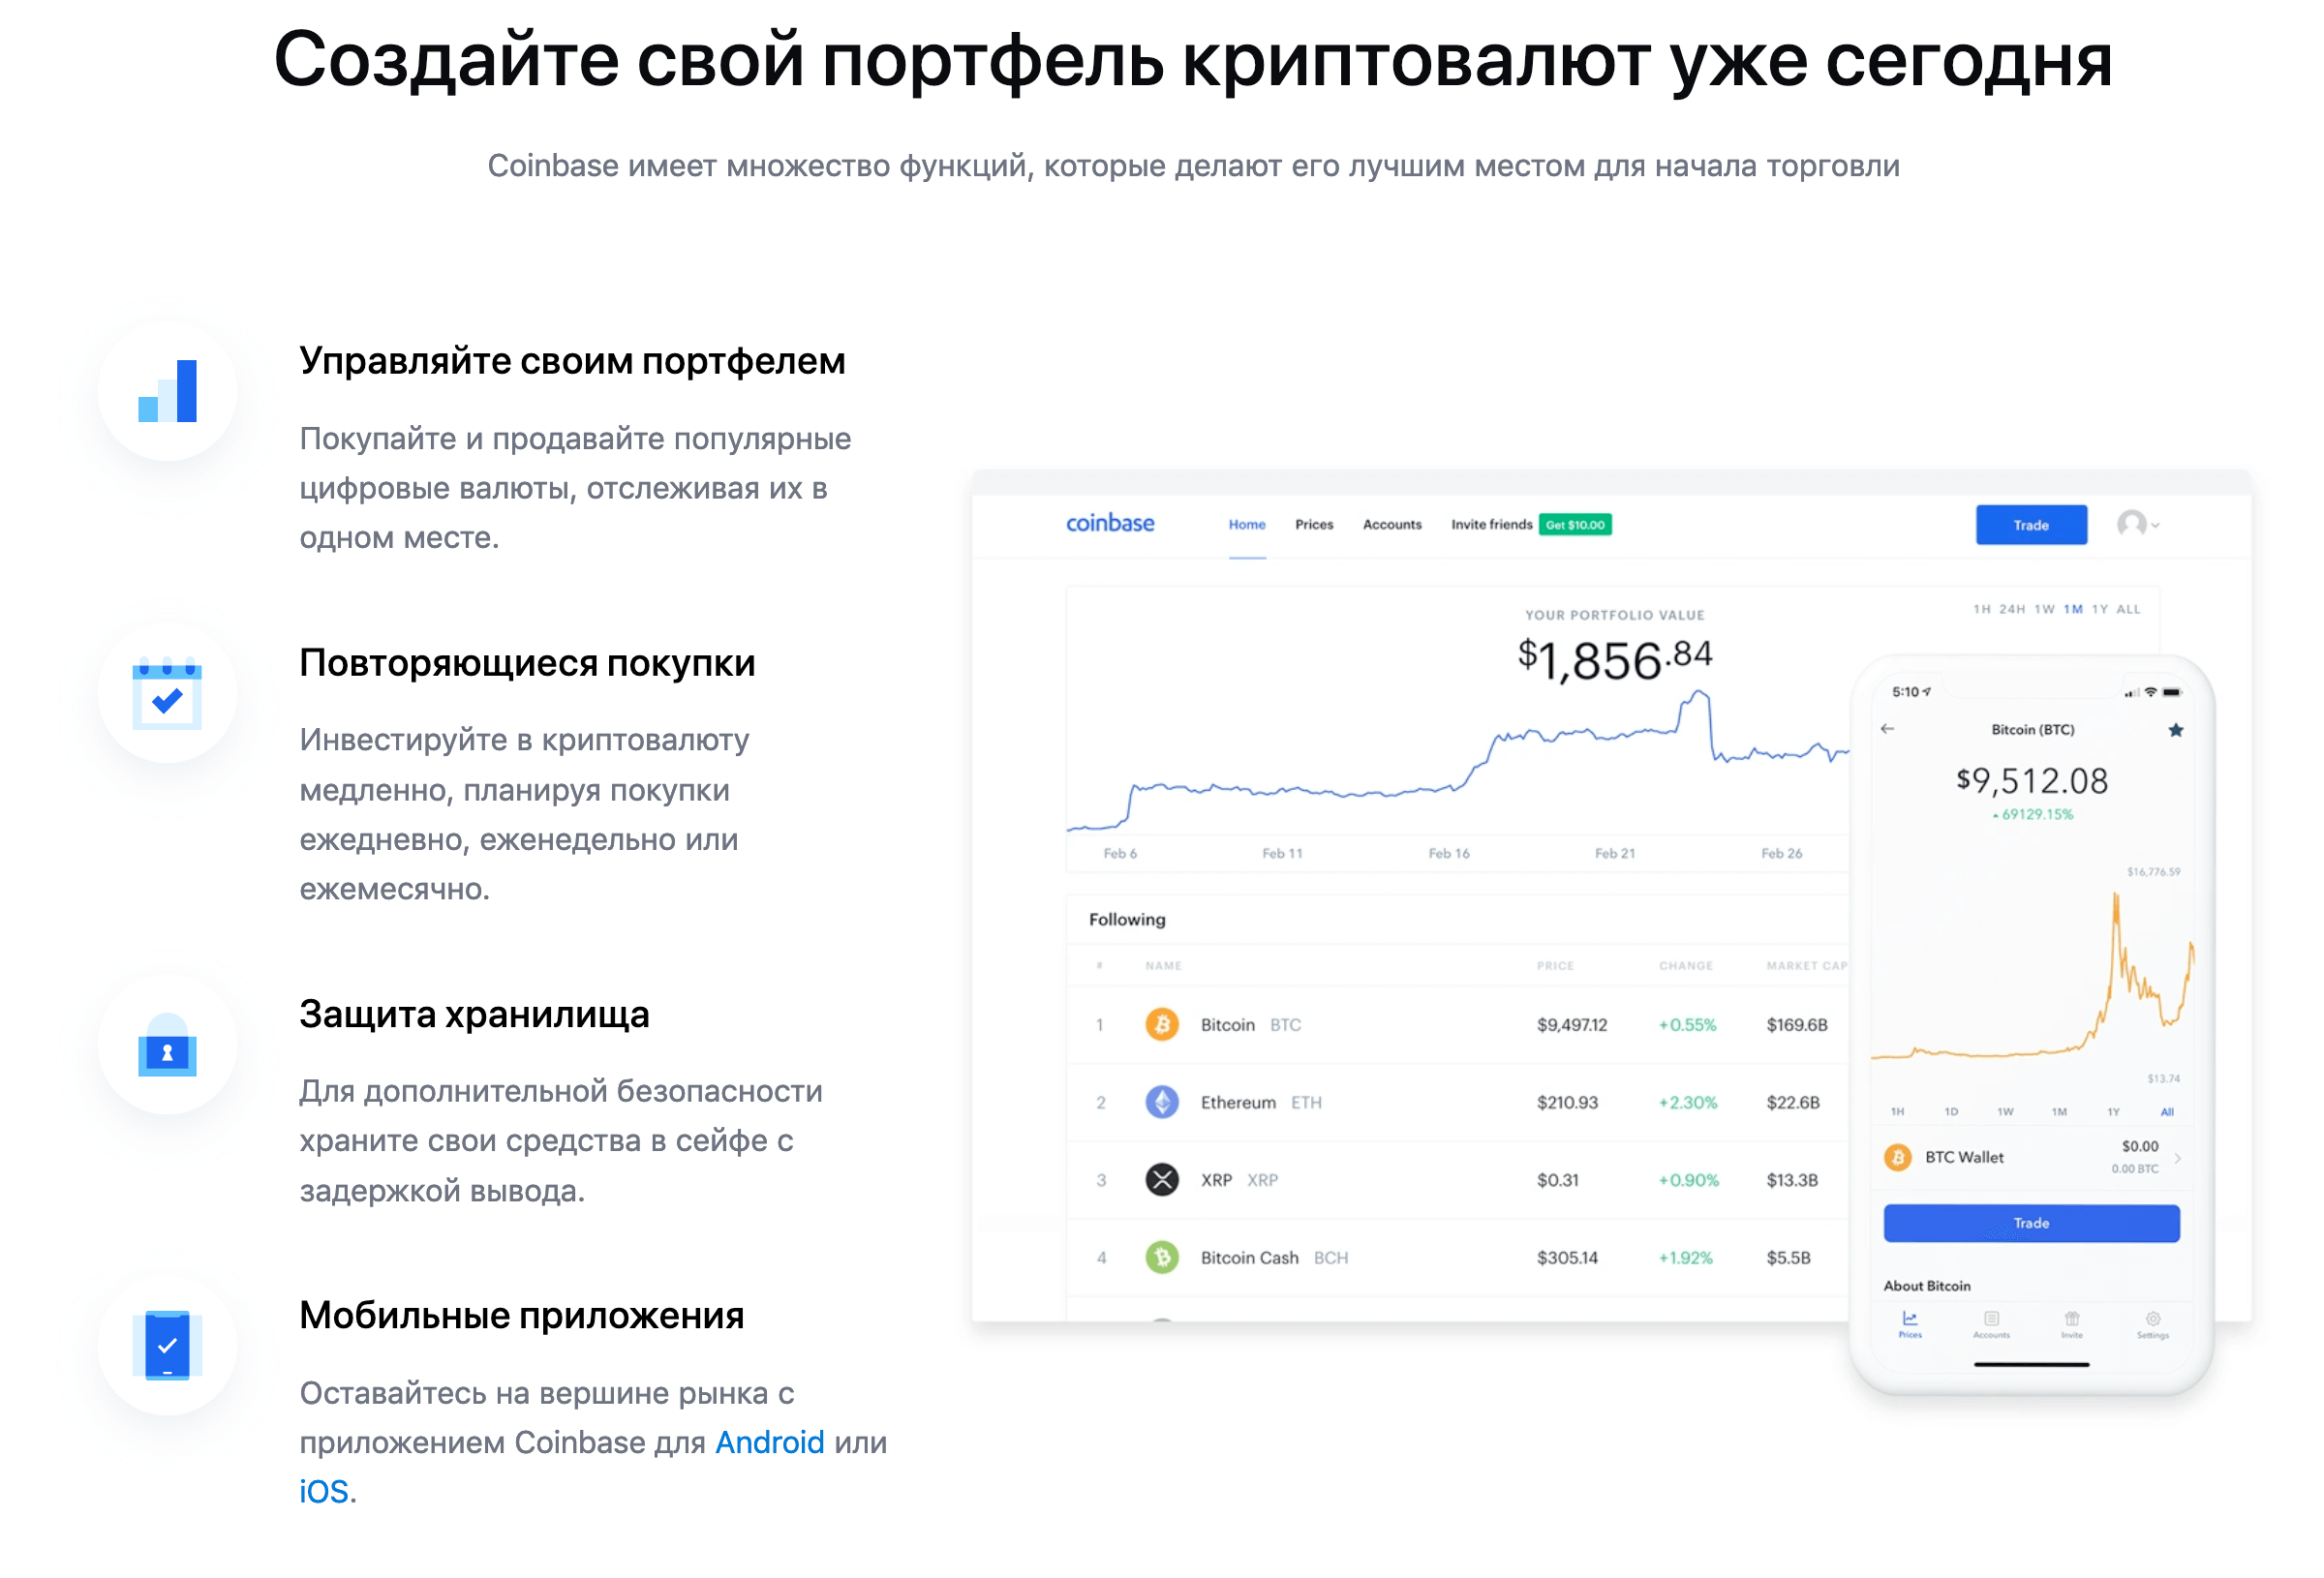 Покупка и продажа криптовалют Coinbase